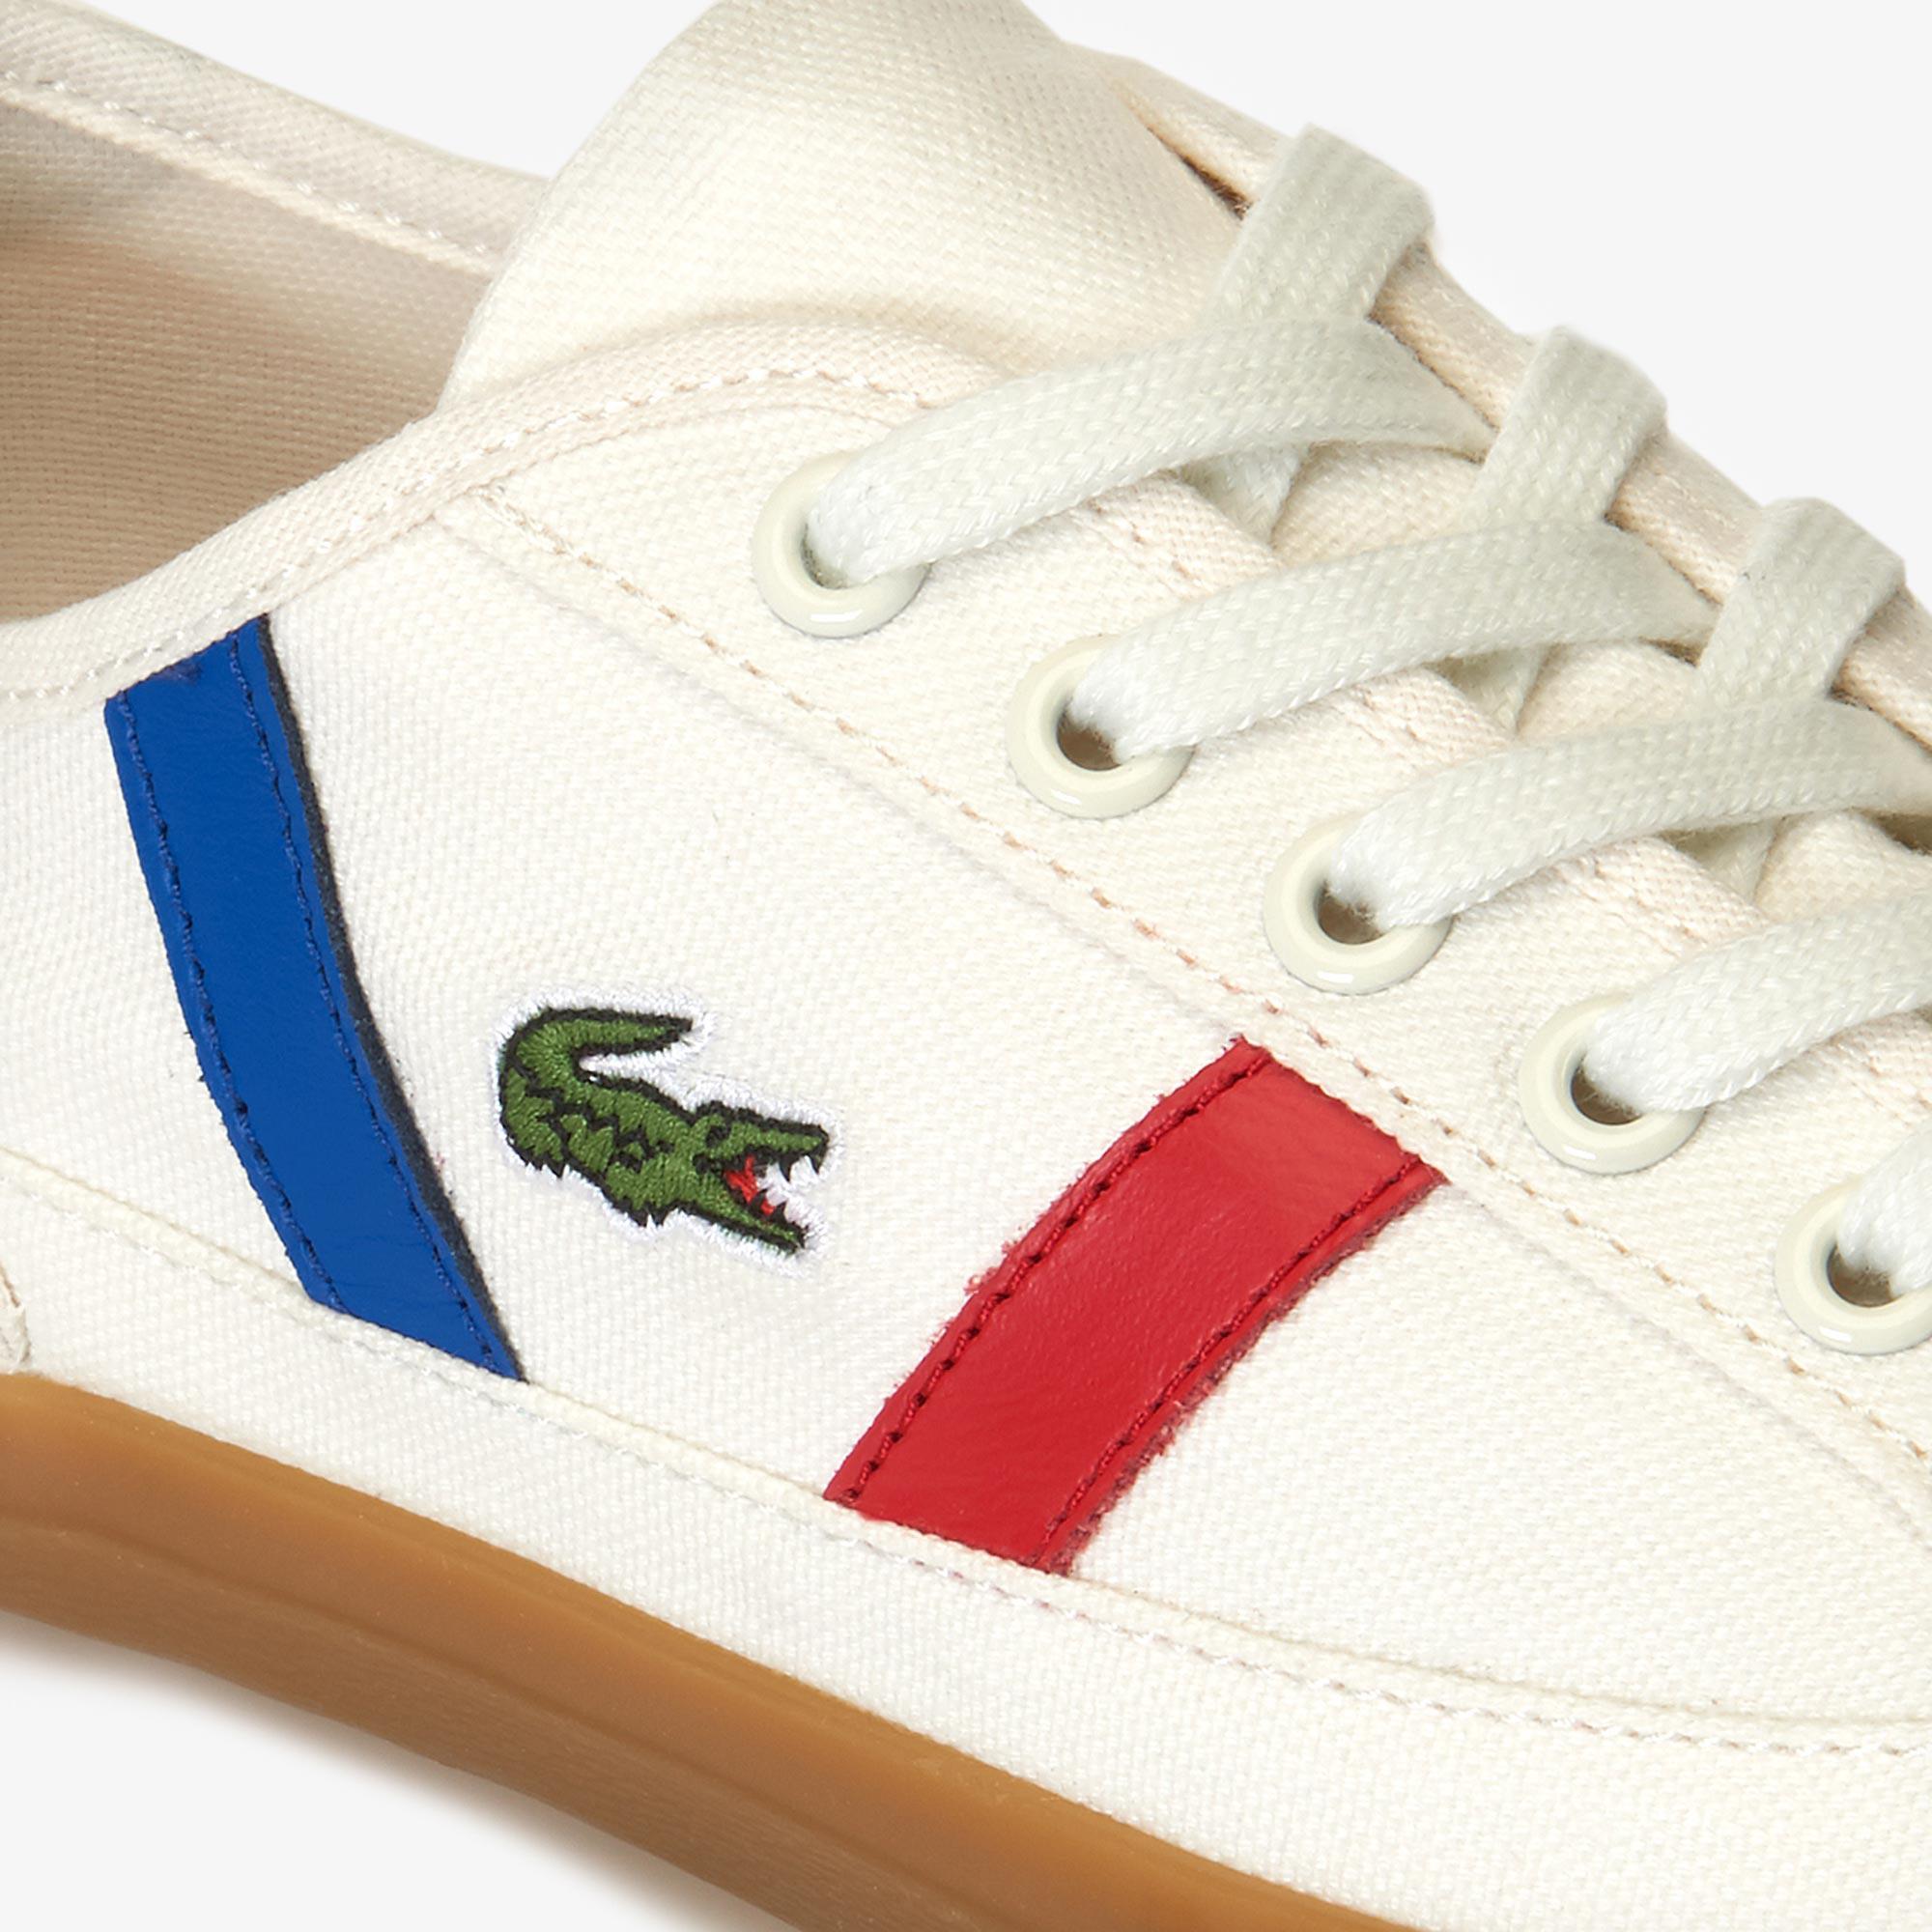 Lacoste Sideline 119 4 Men's Sneakers